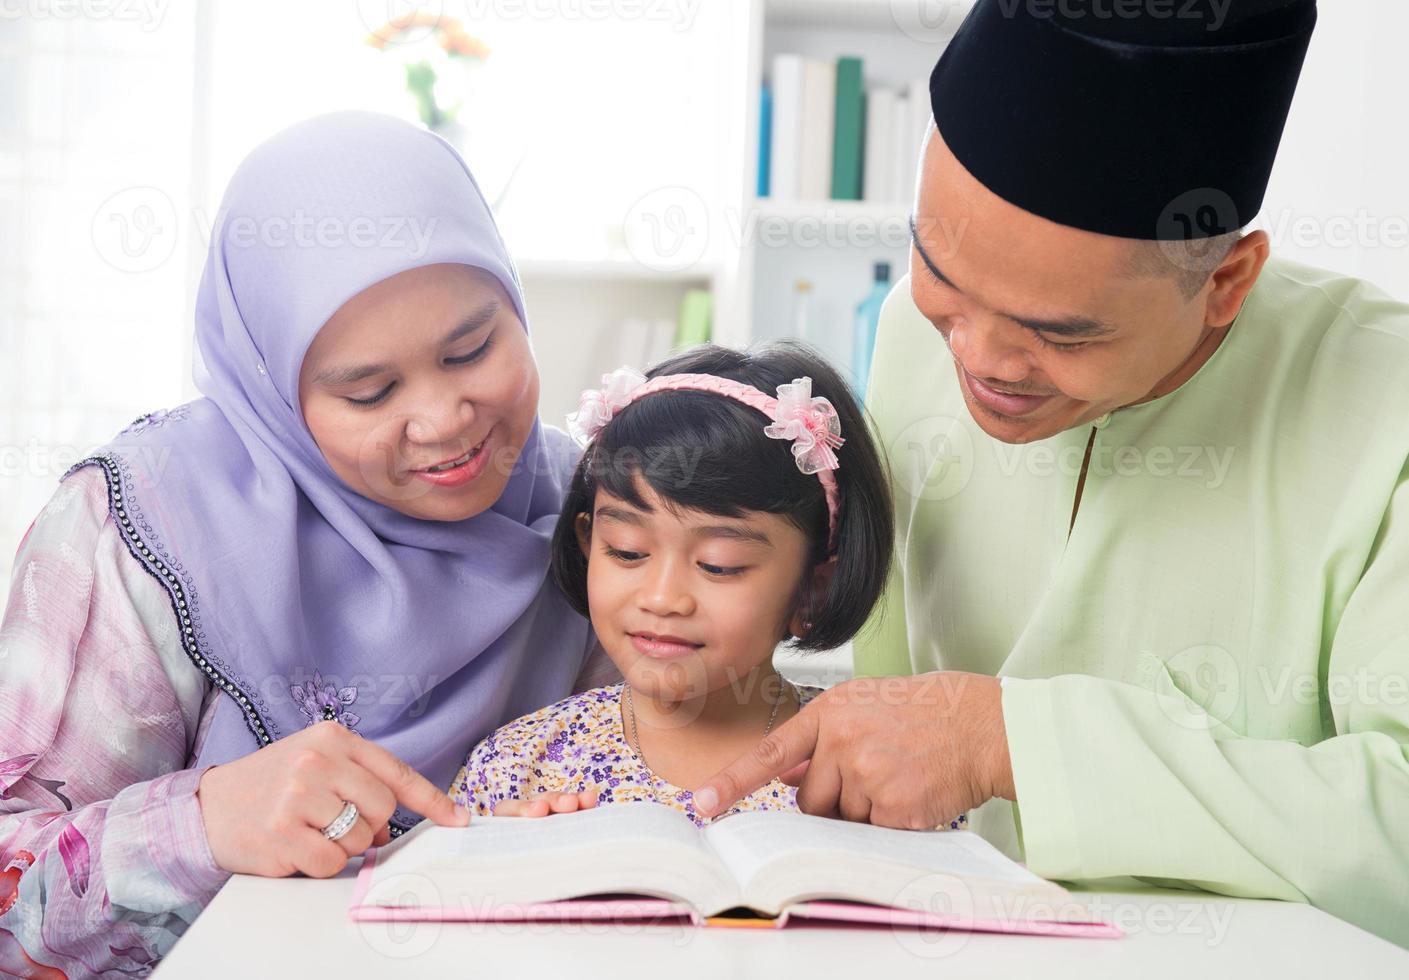 malay muslimsk familj som läser en bok. foto